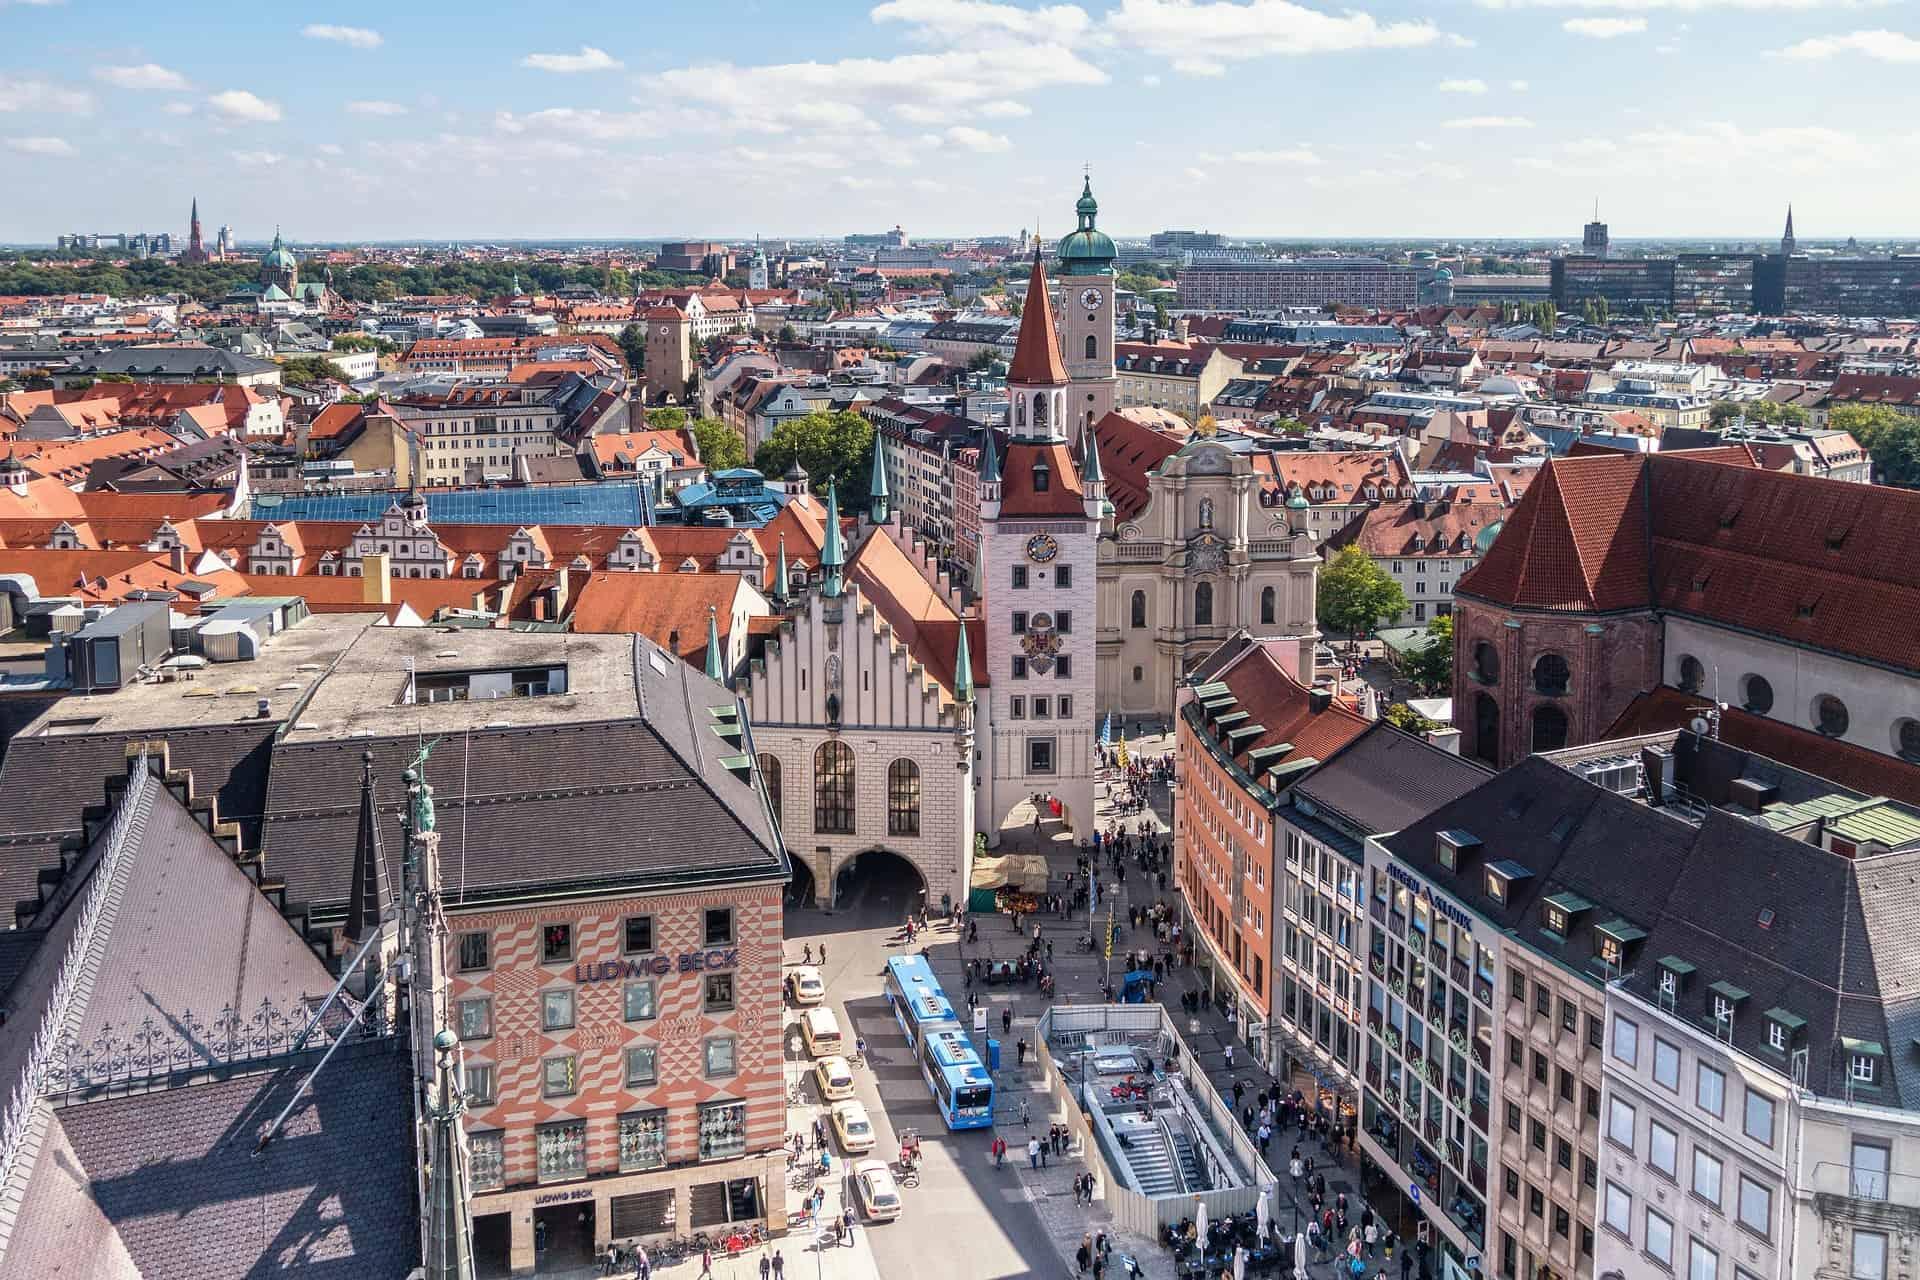 ¿Es posible visitar Múnich en un día?